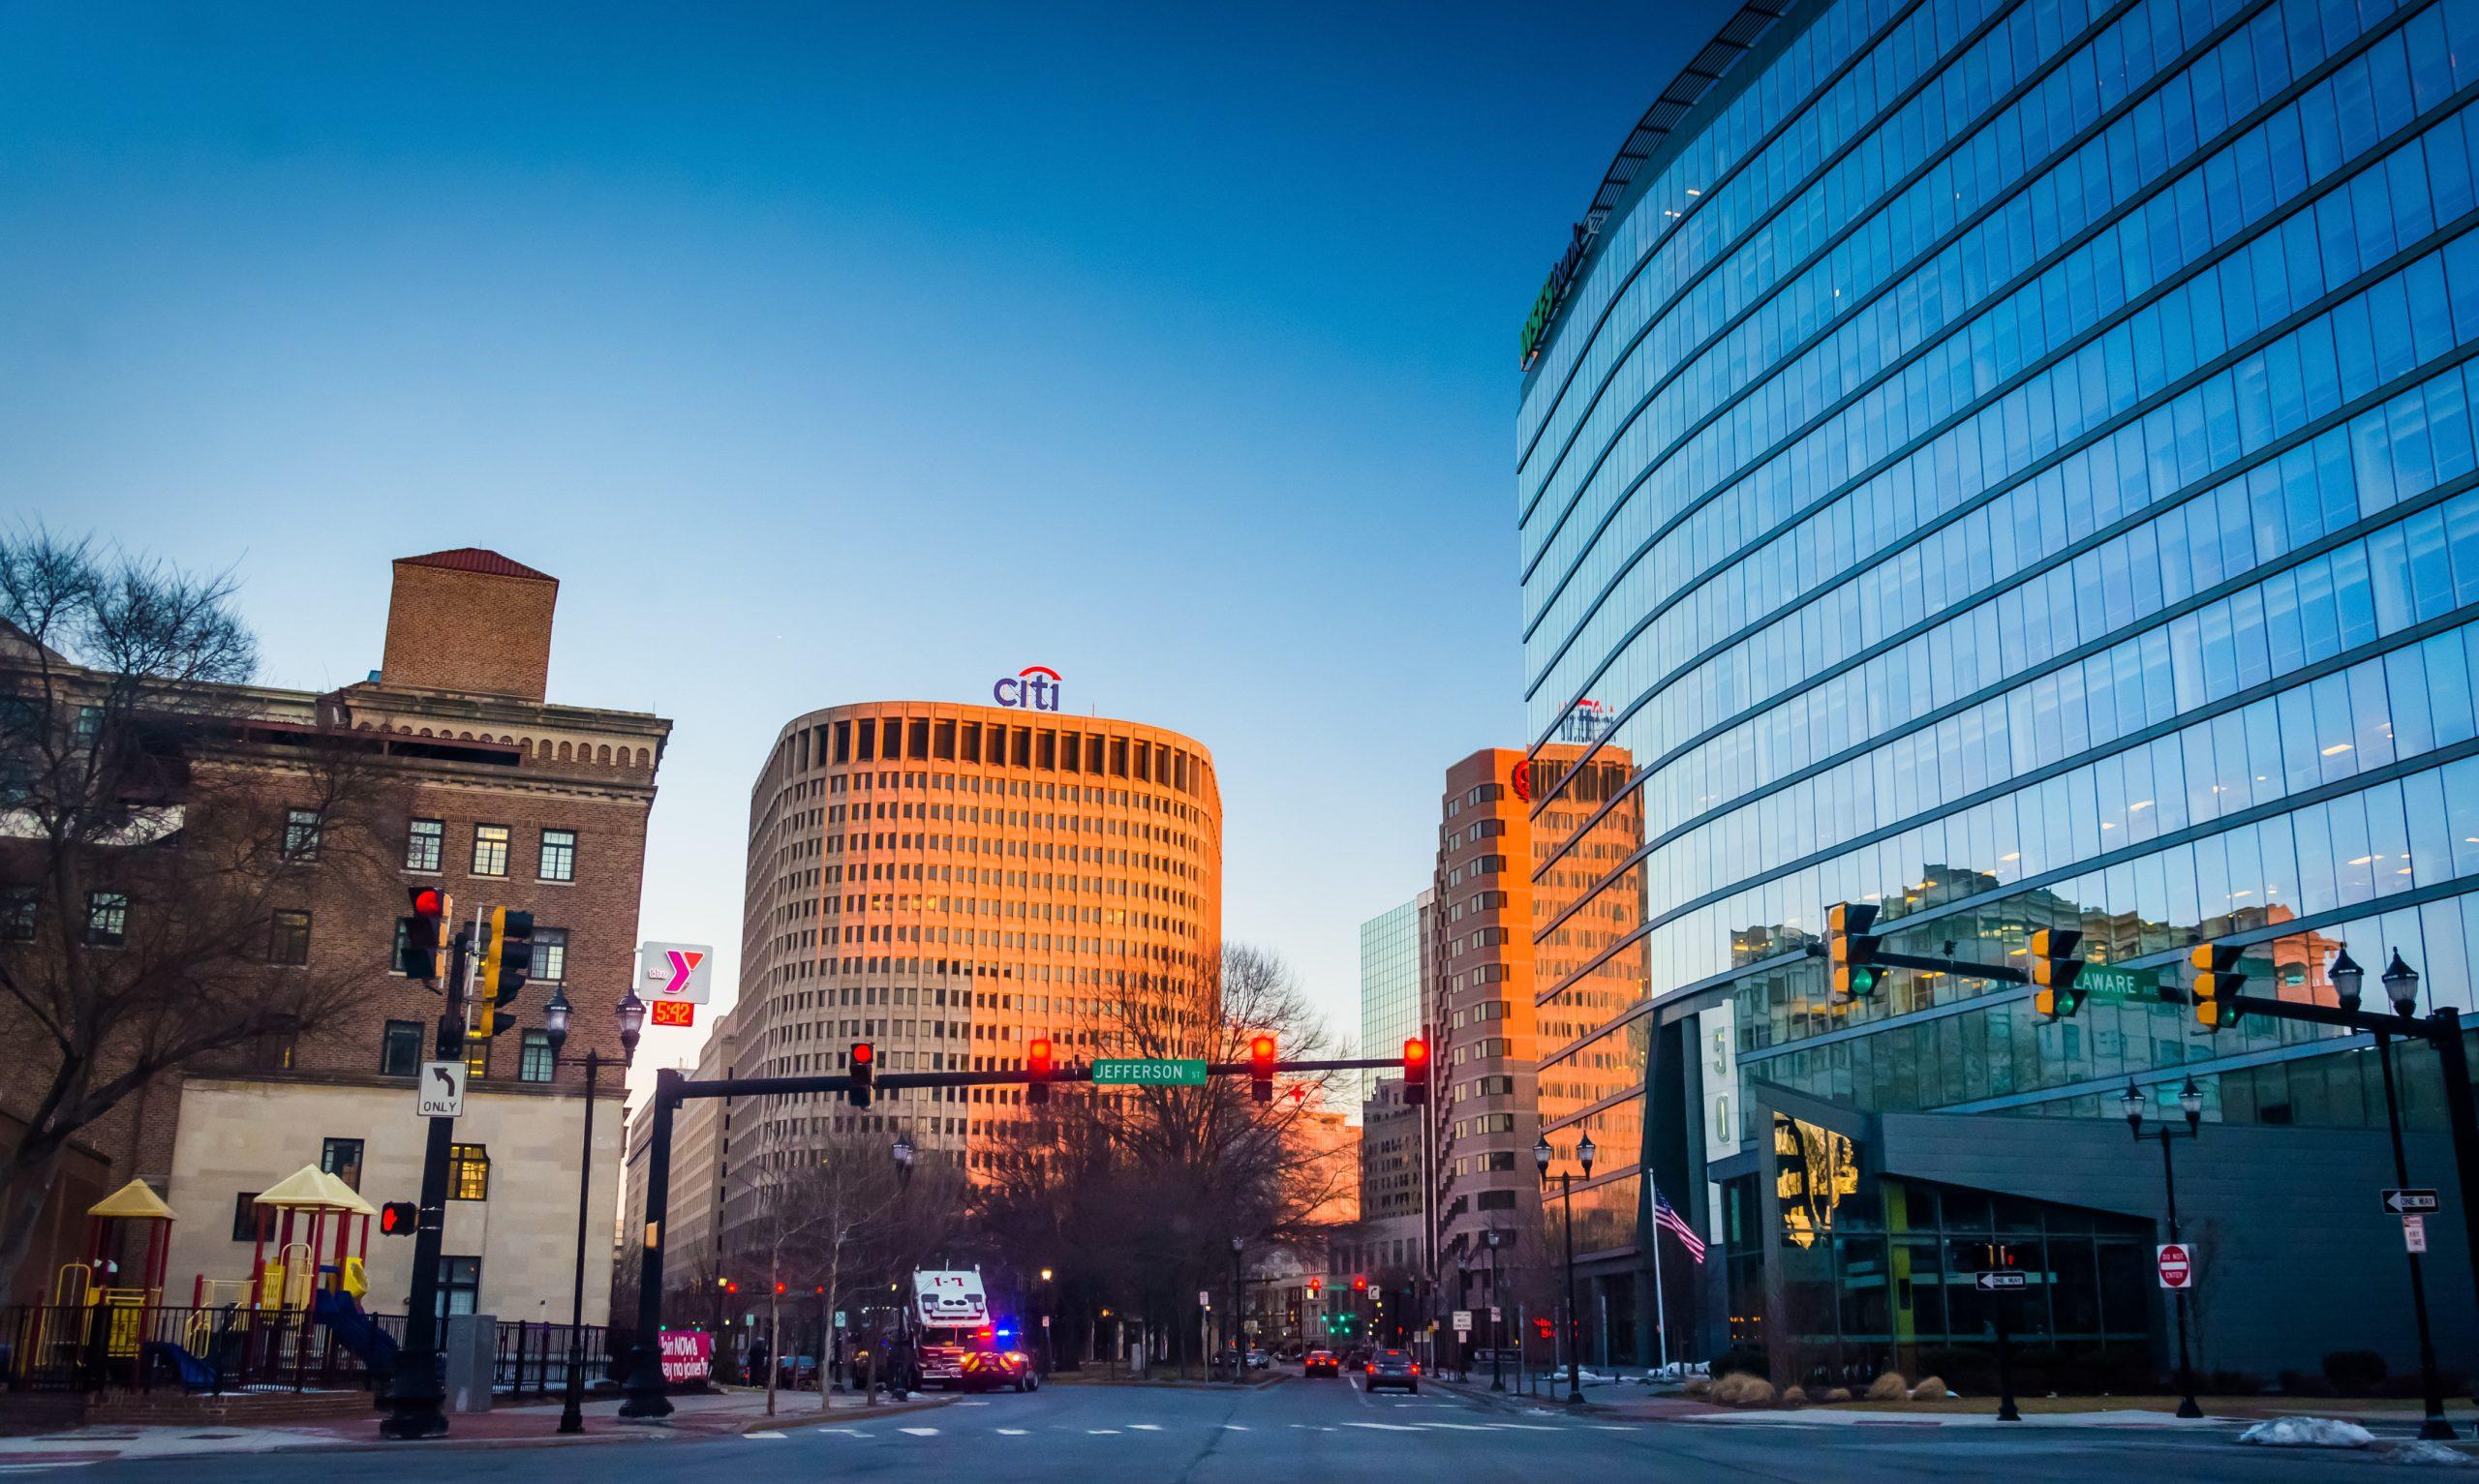 Downtown Wilmington, DE